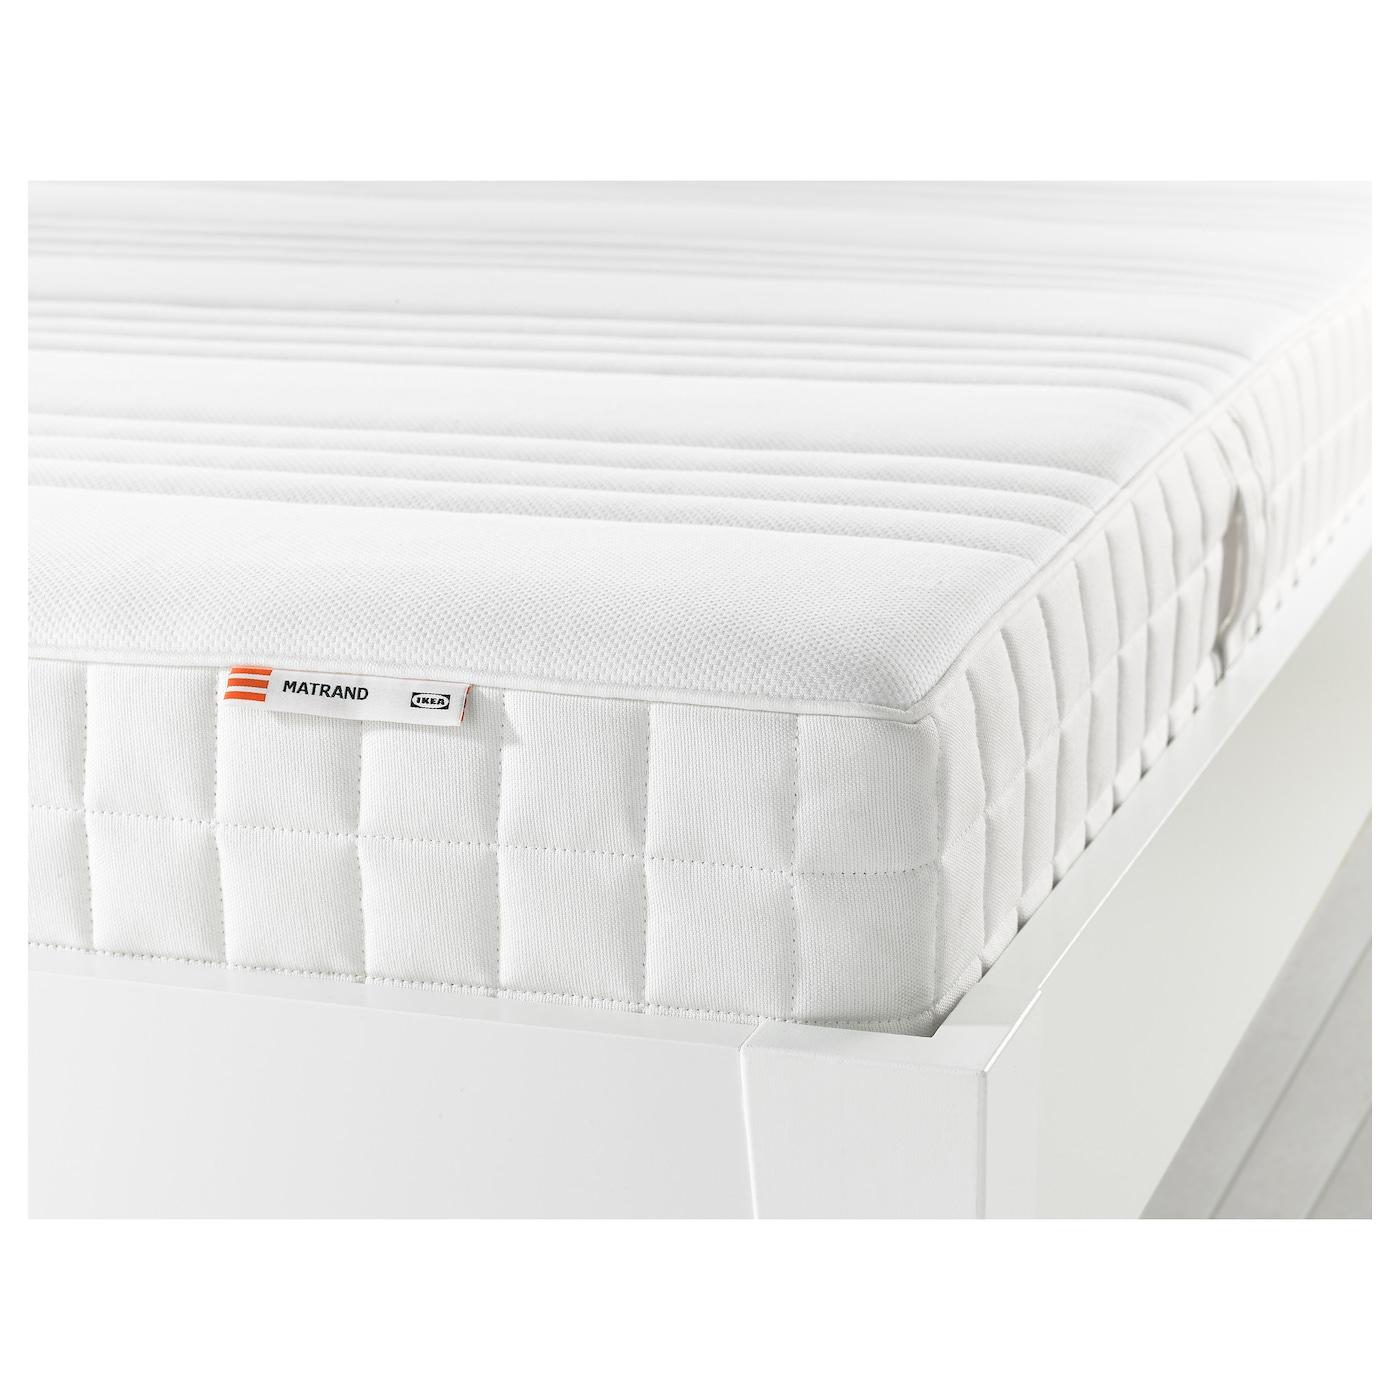 matrand matelas mousse m m de forme ferme blanc 140 x 200 cm ikea. Black Bedroom Furniture Sets. Home Design Ideas